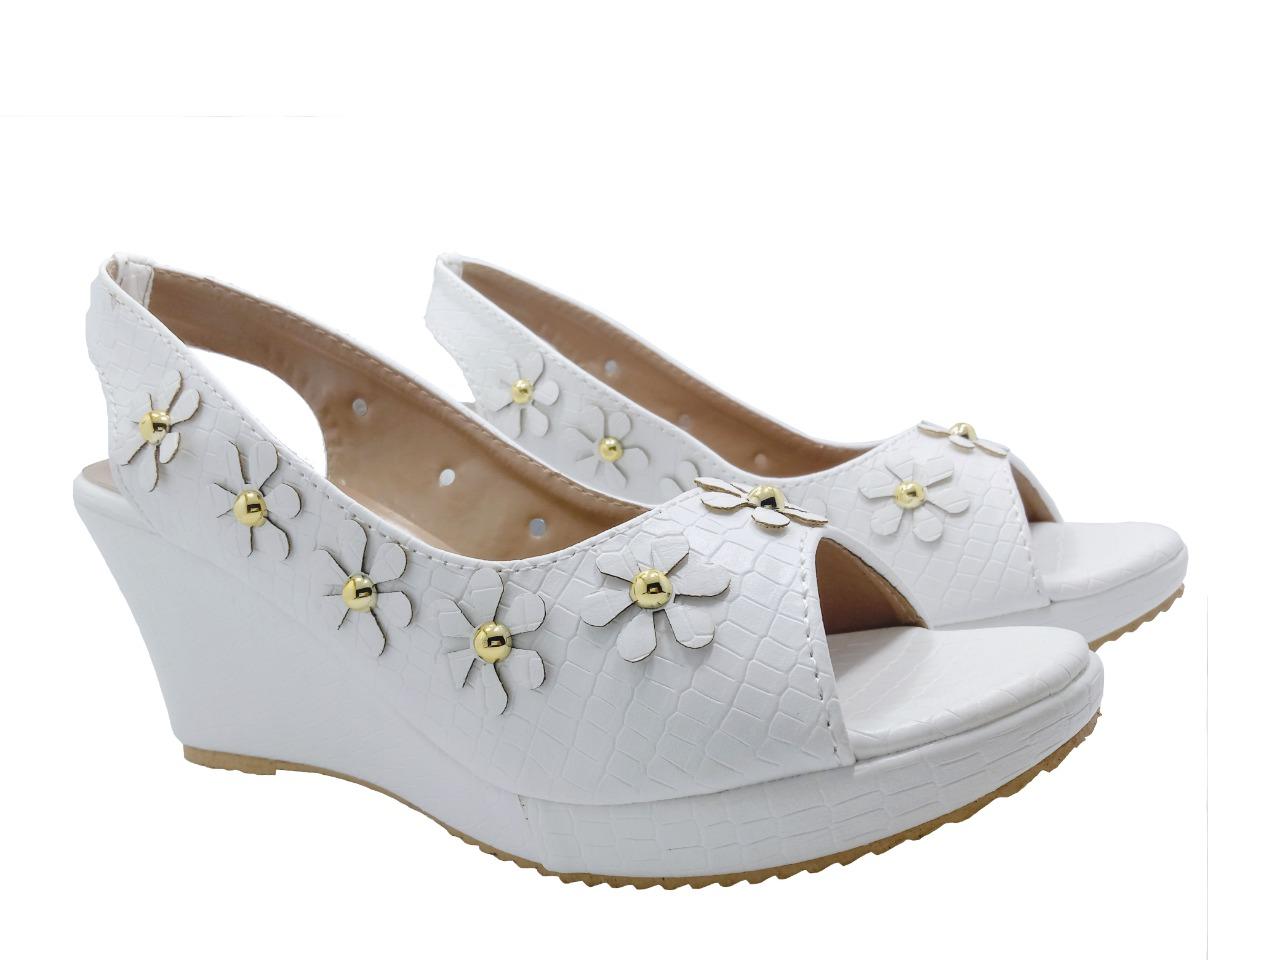 Women Fashion Wedge Shoes Sandal Party Wear Casual Wear Wedding Wear